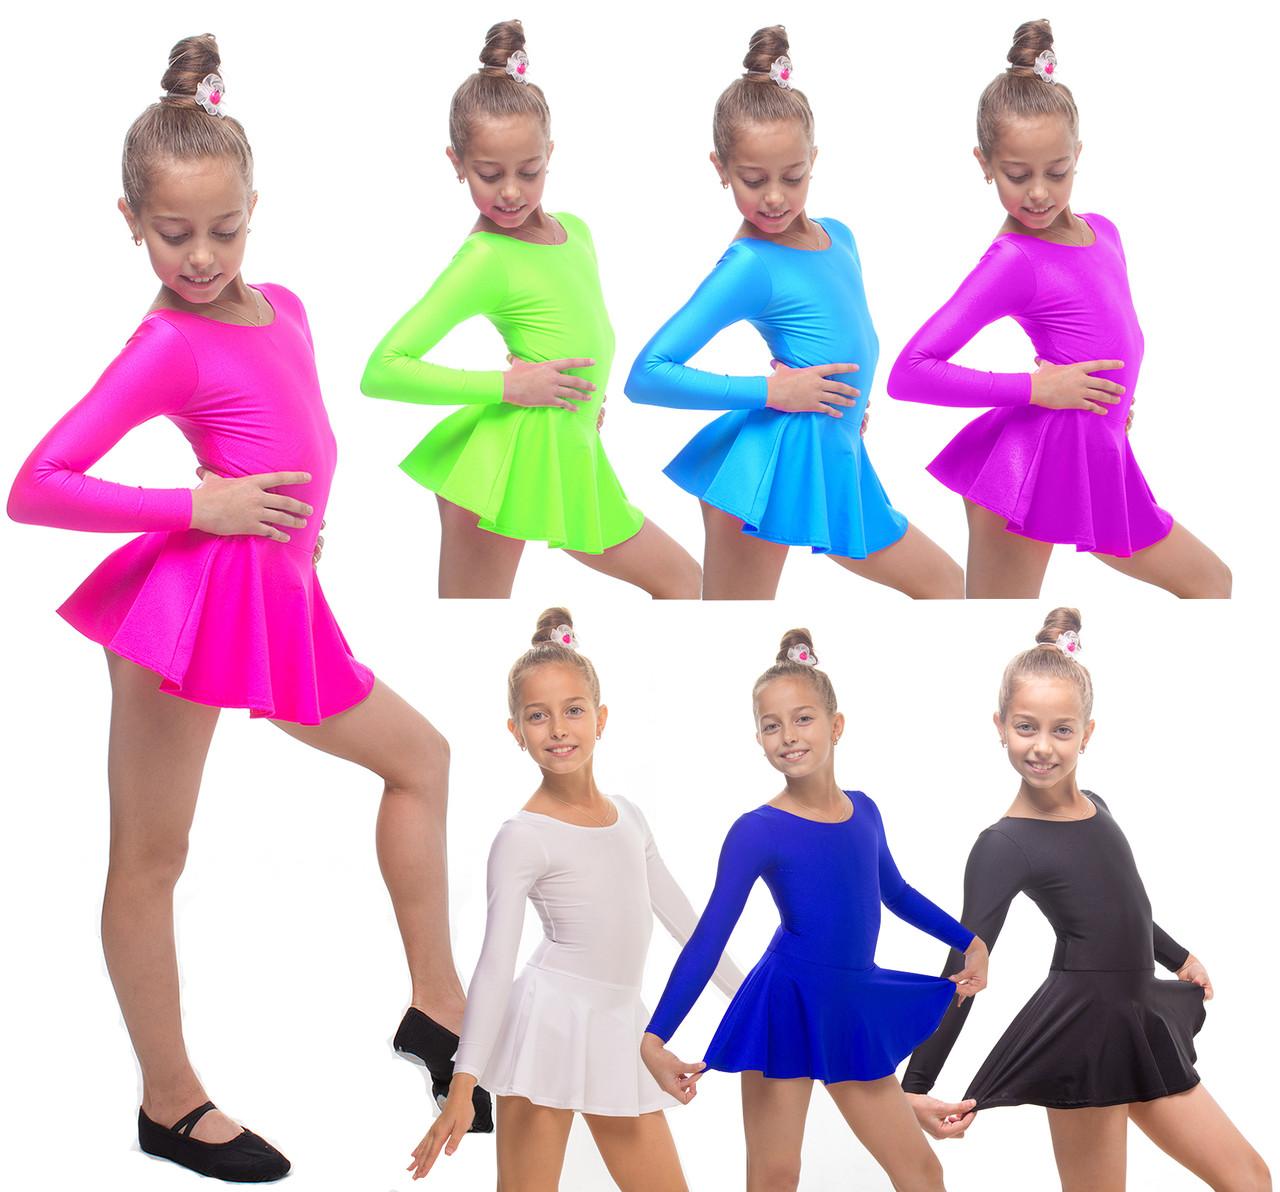 55c2ae6e3953f Комбинезоны для танцев и гимнастики (купальник+юбка) - Интернет-магазин